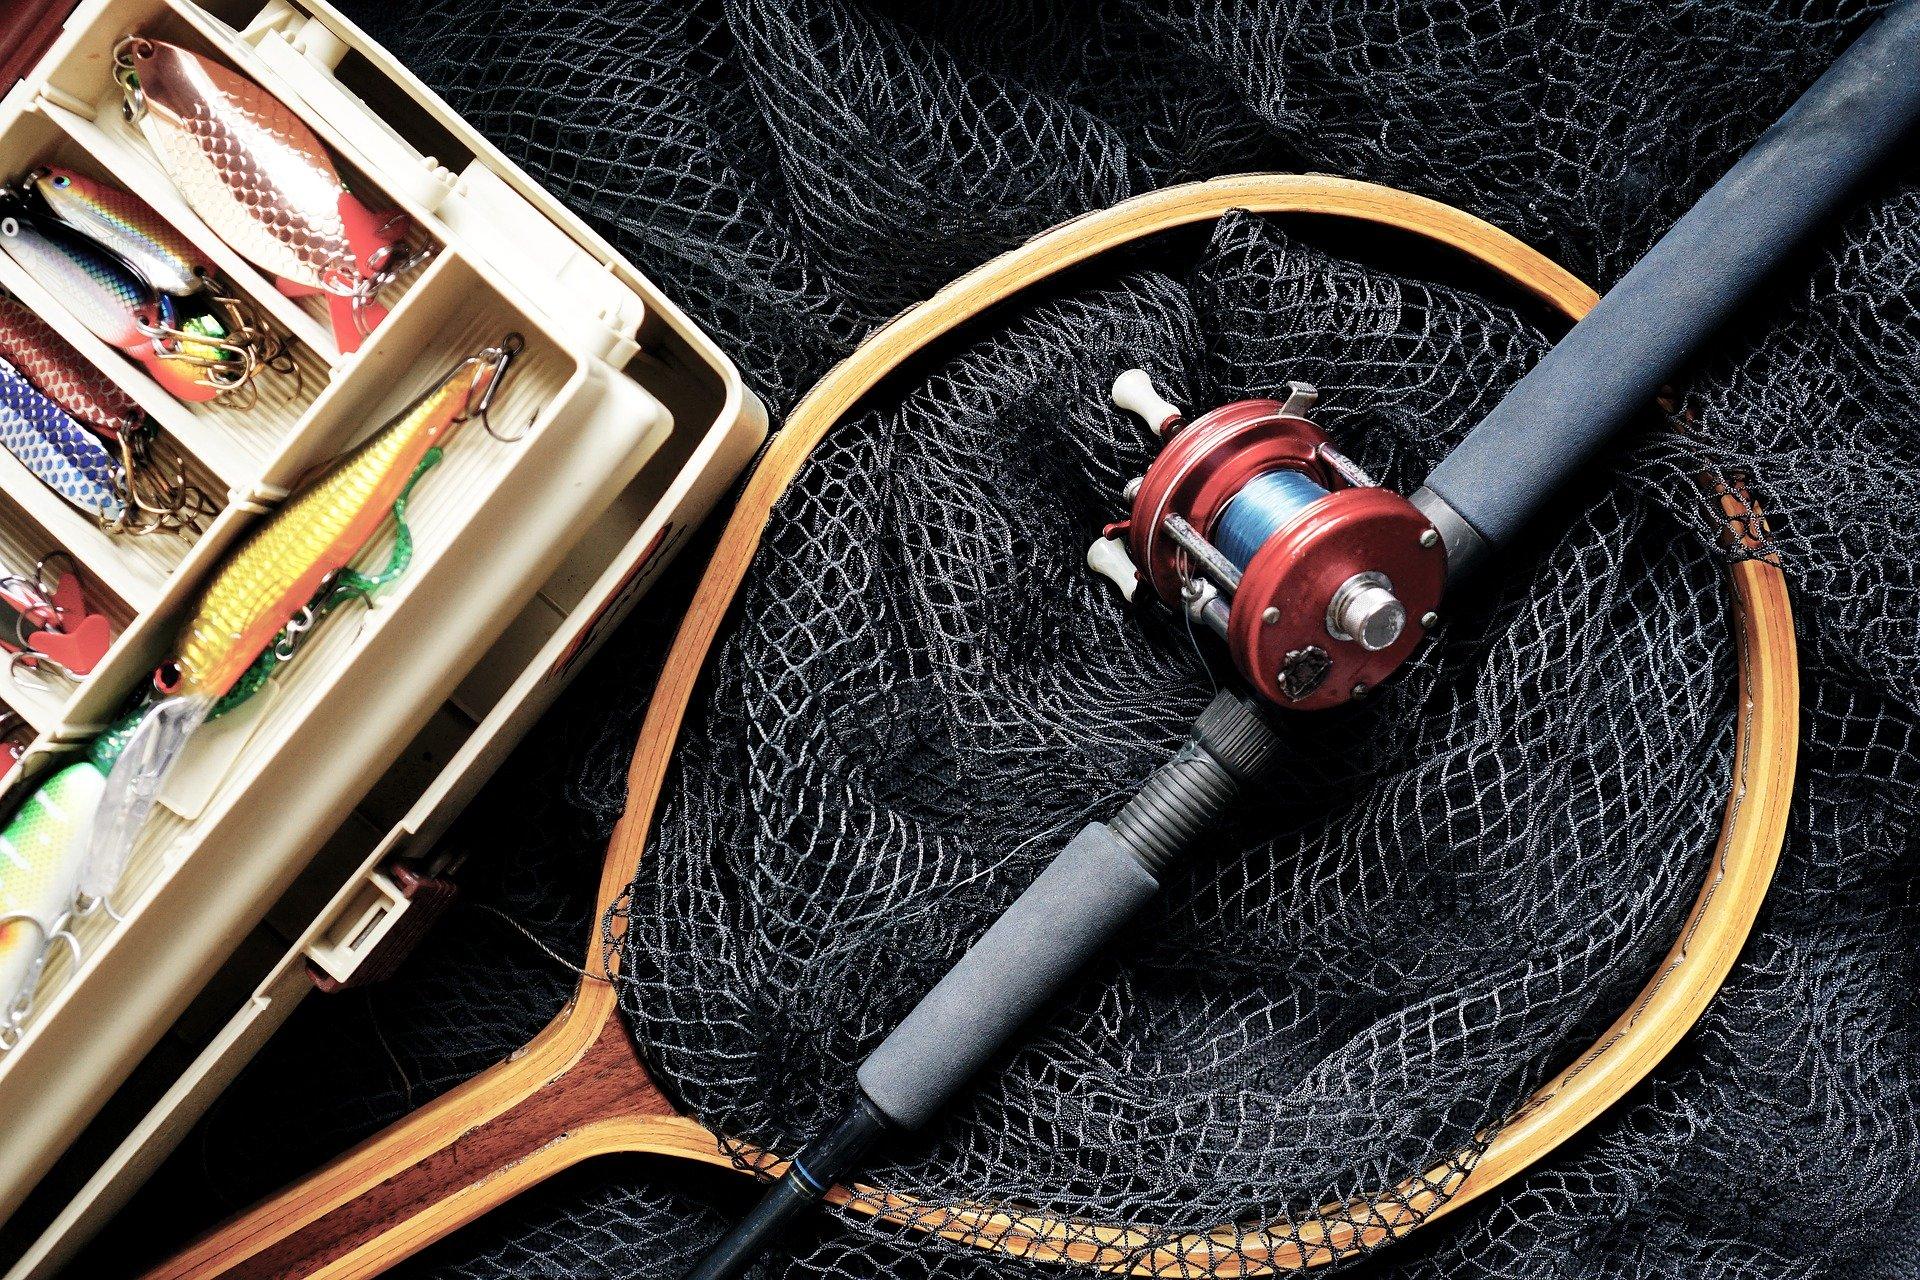 Imagem mostra diversos equipamentos de pesca, como vara, carretilha e iscas.